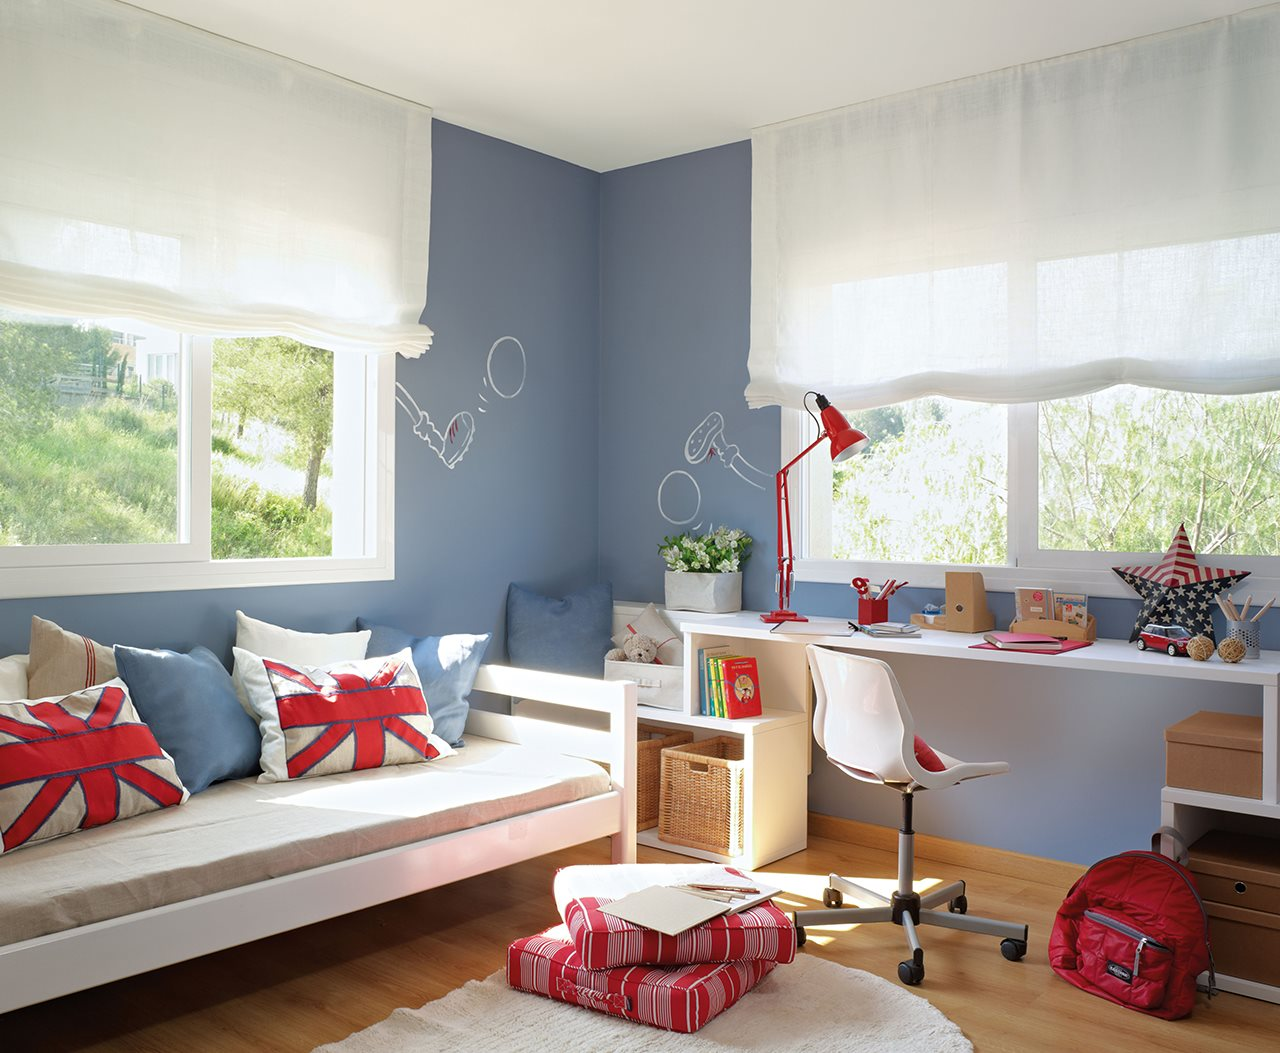 Ideas para pintar la habitaci n de los ni os - Paredes pintadas con dibujos ...